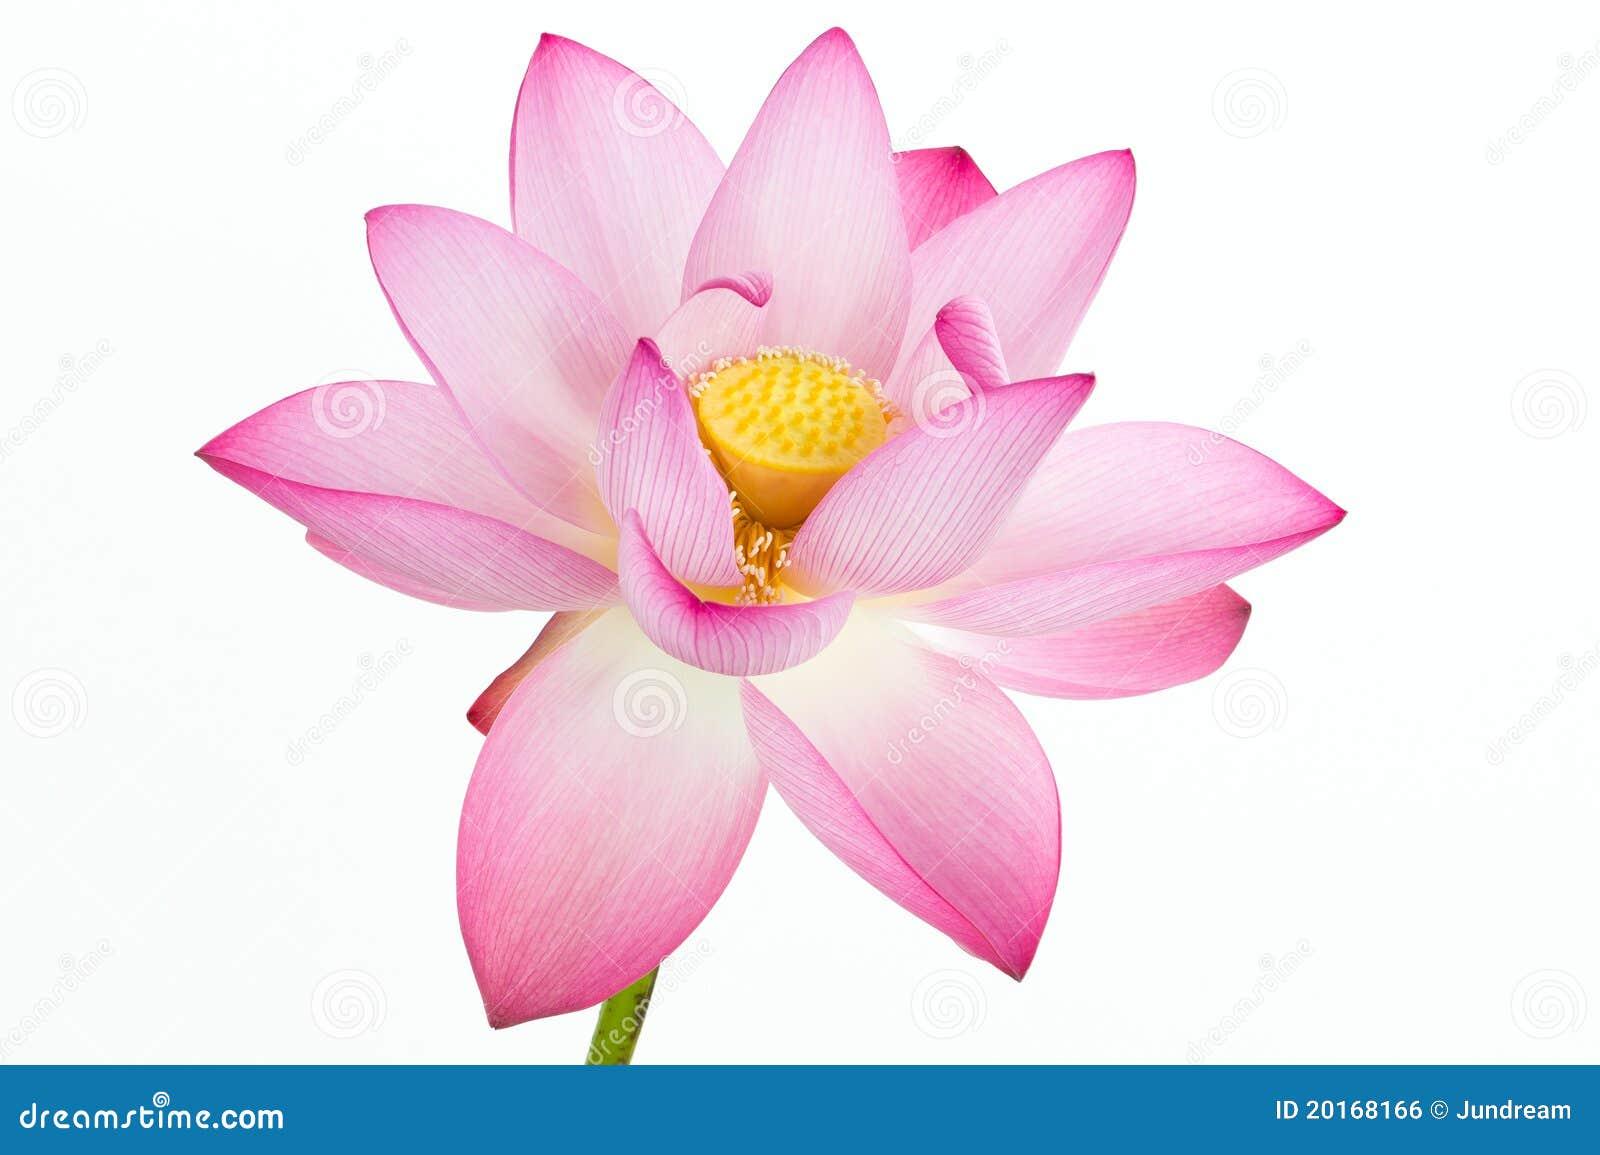 Fleur de lotus rose et fond blanc photo stock image 20168166 - Image fleur de lotus ...